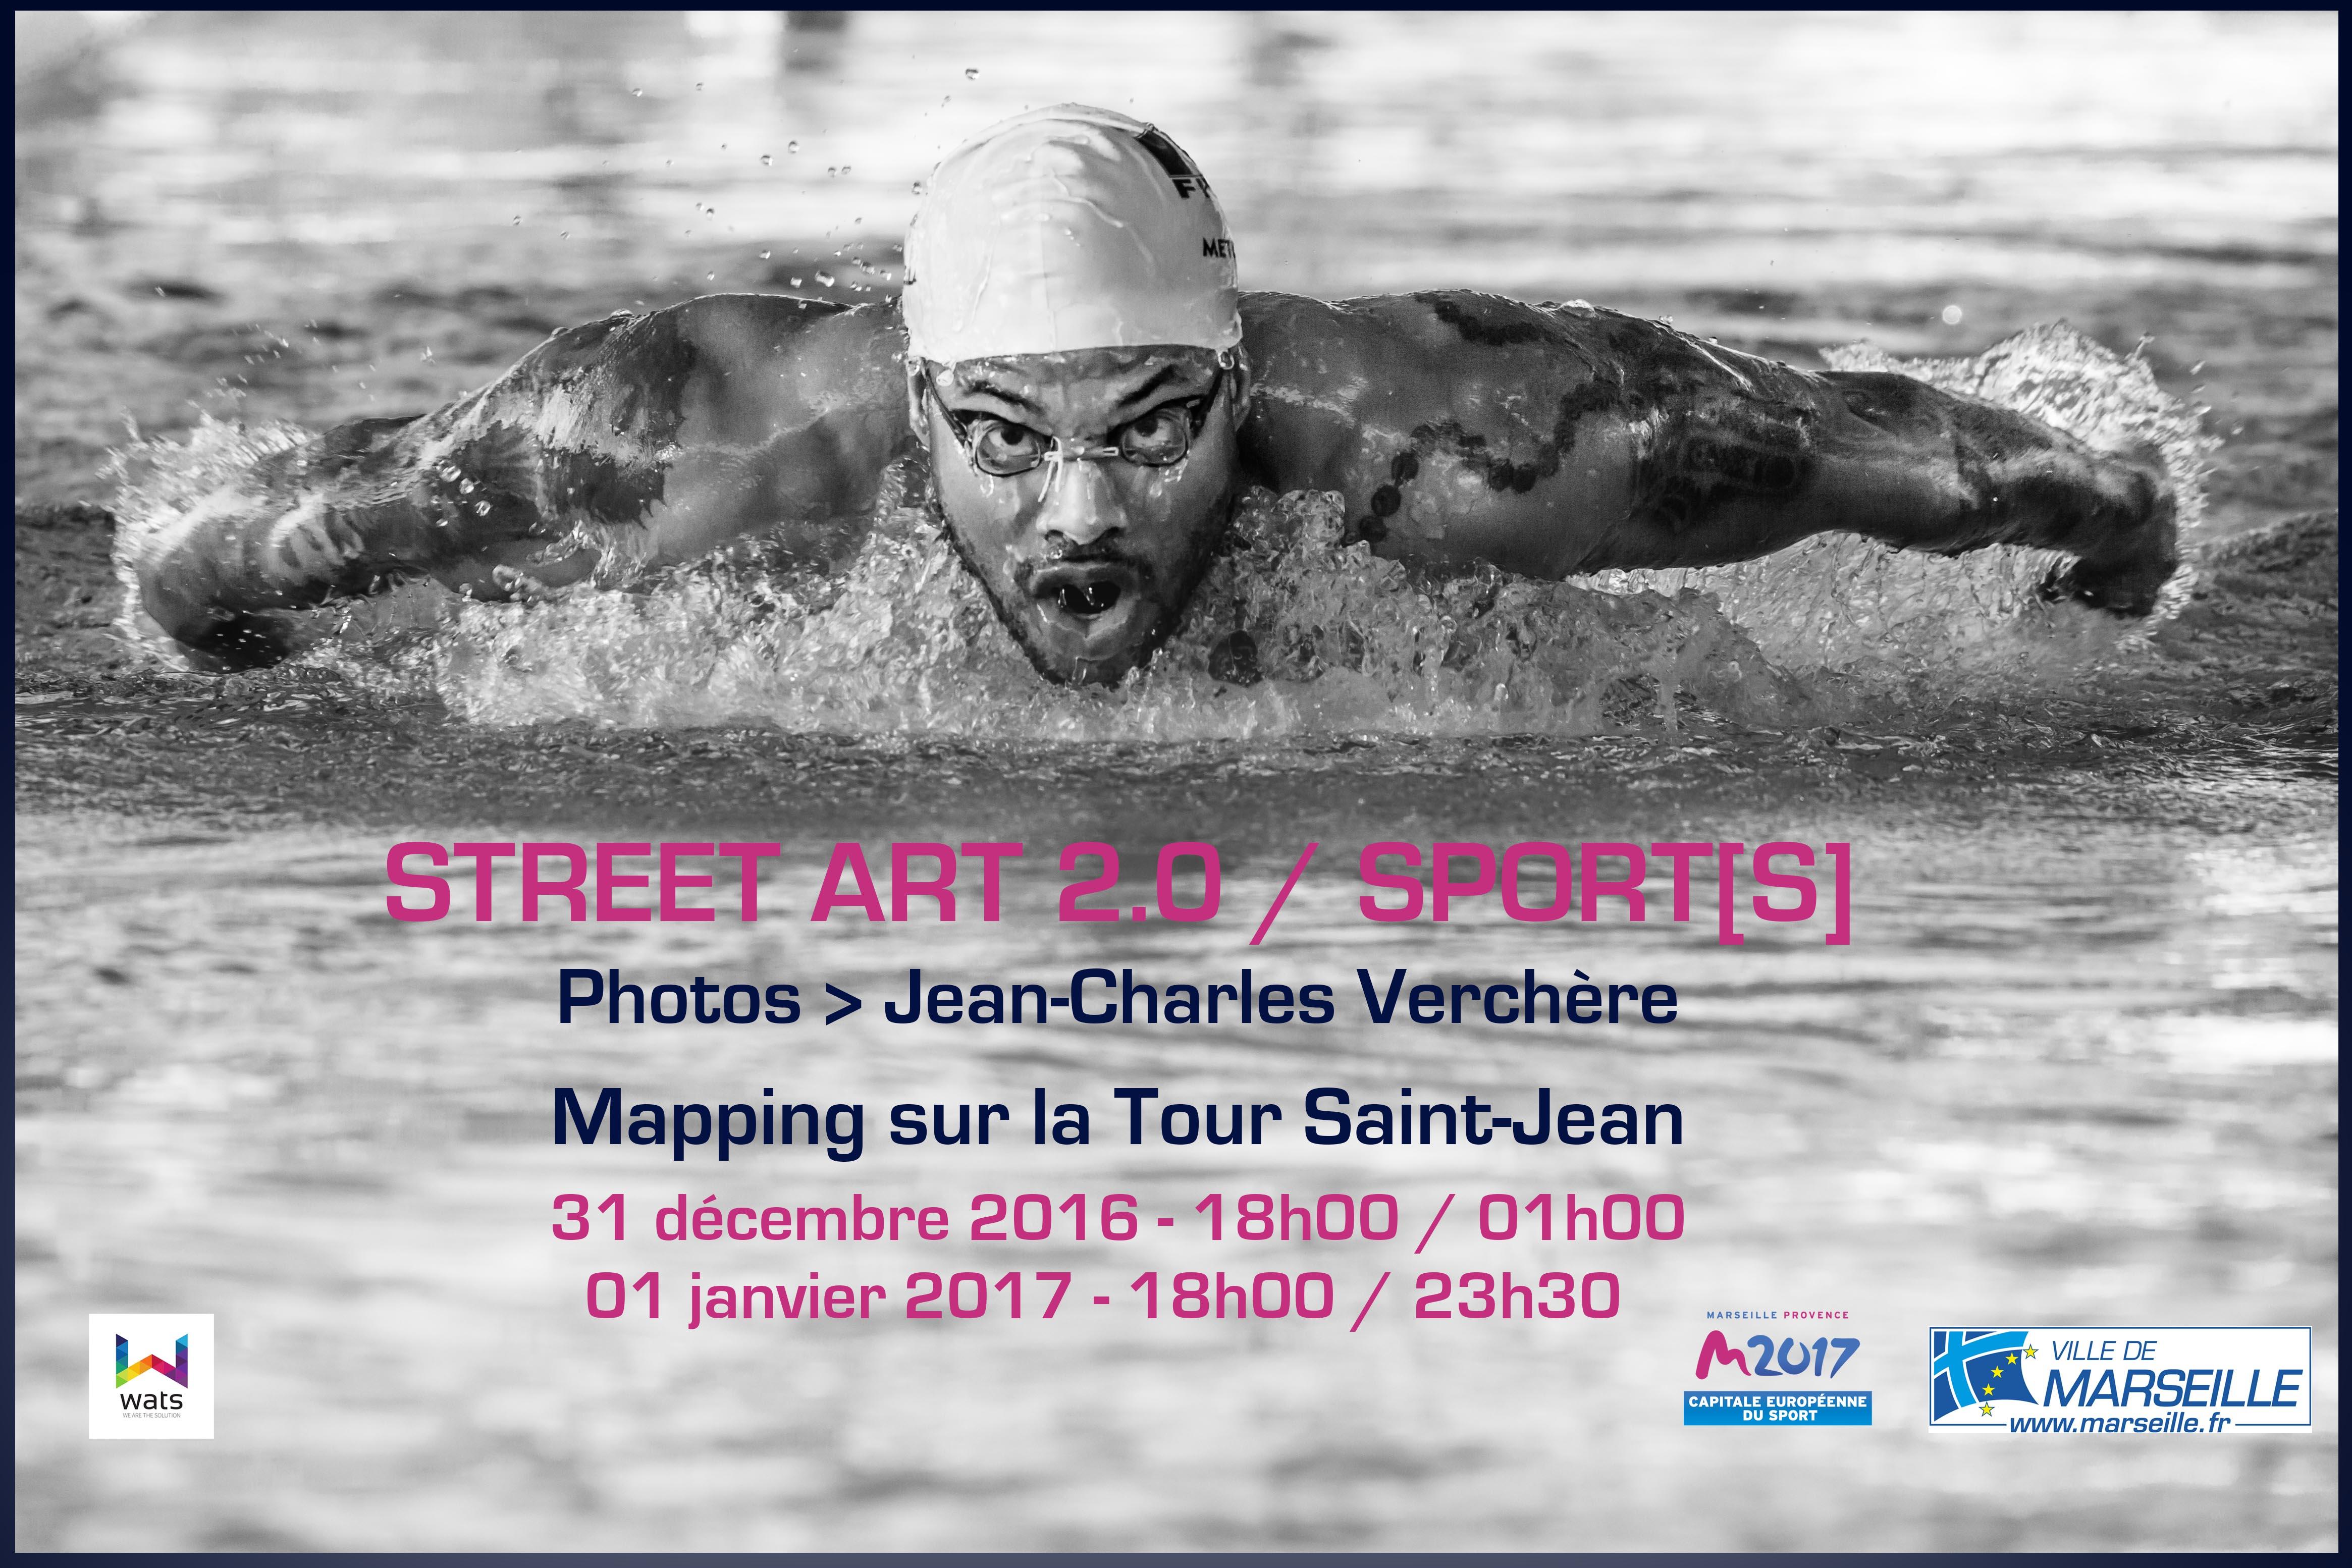 visuel-street-art-2-0-b